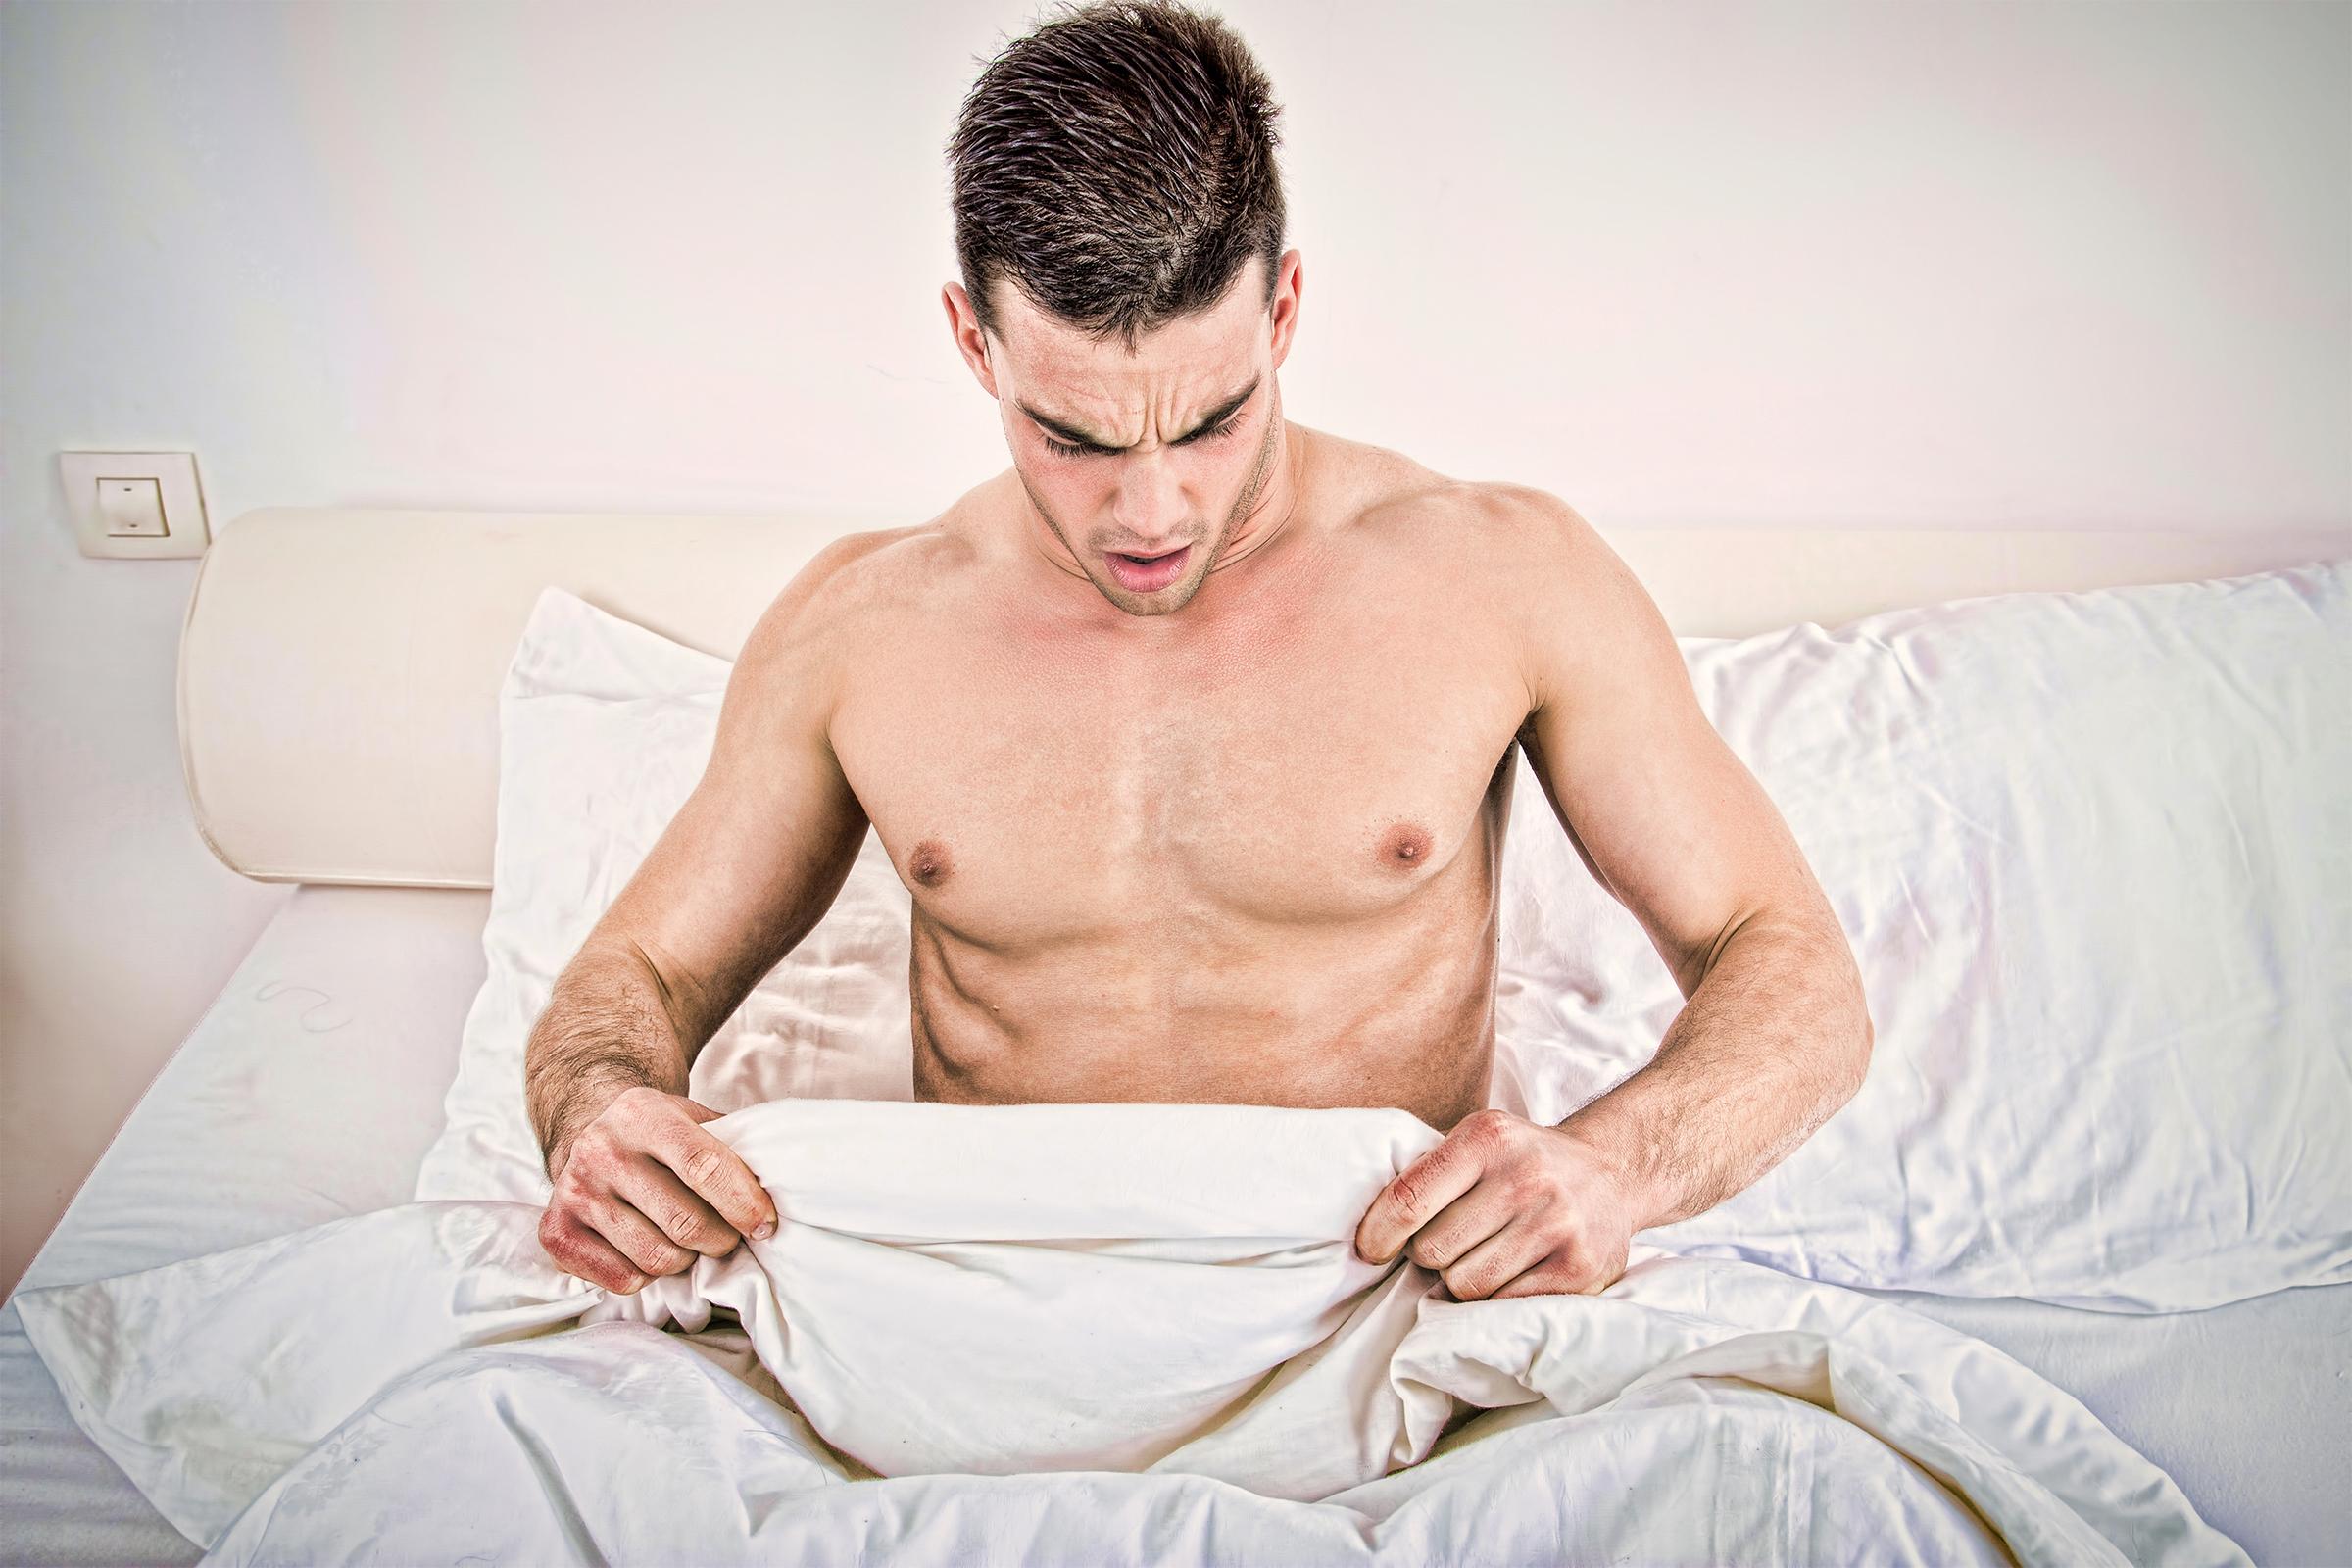 hogyan lehet a pénisz műtét nélkül